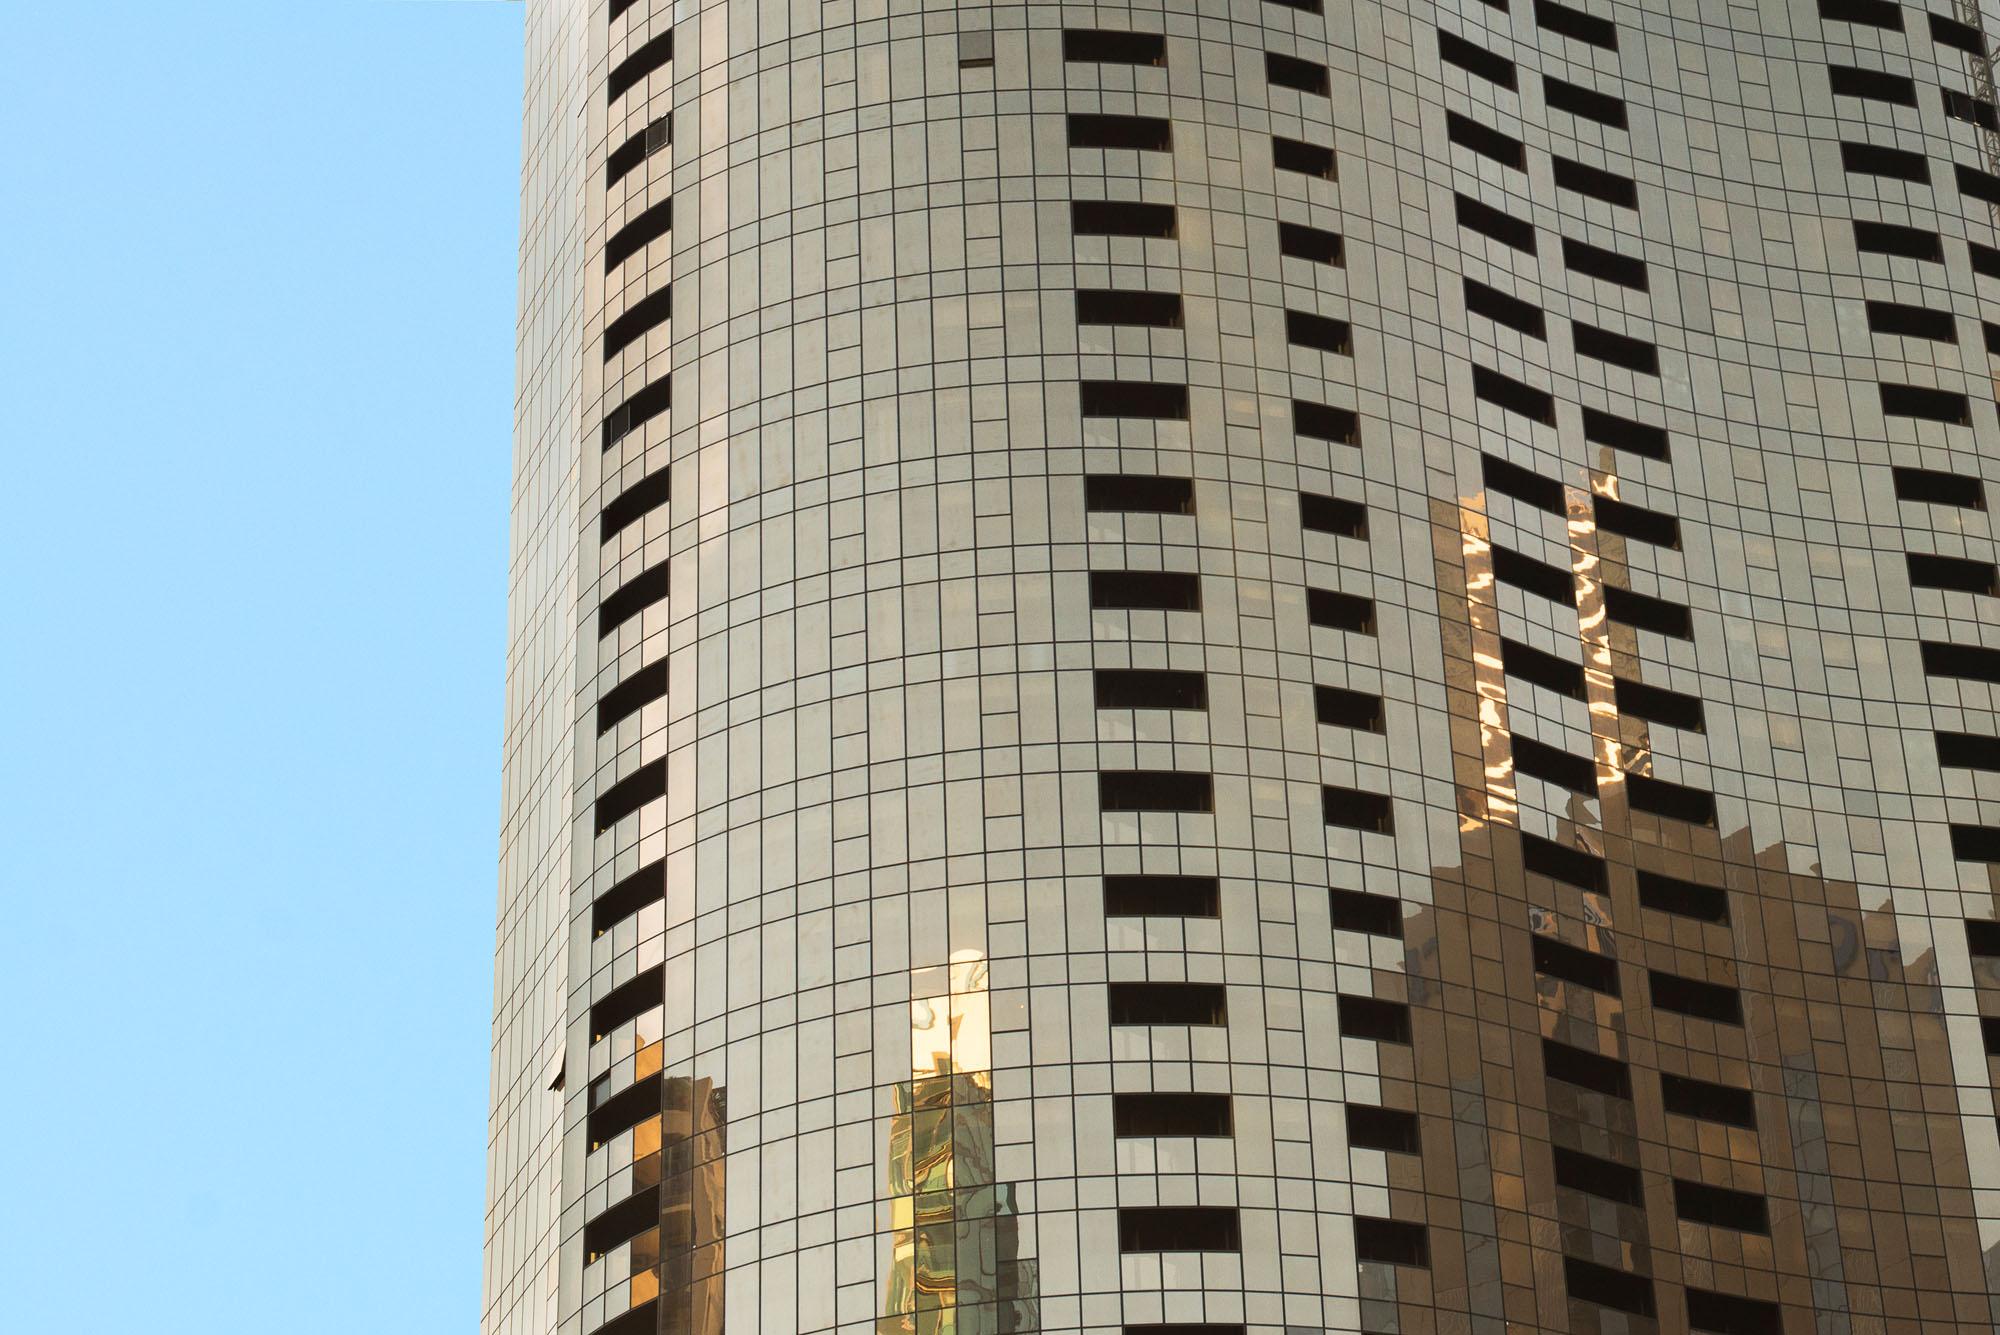 prima tower building exterior facade closeup gold reflection